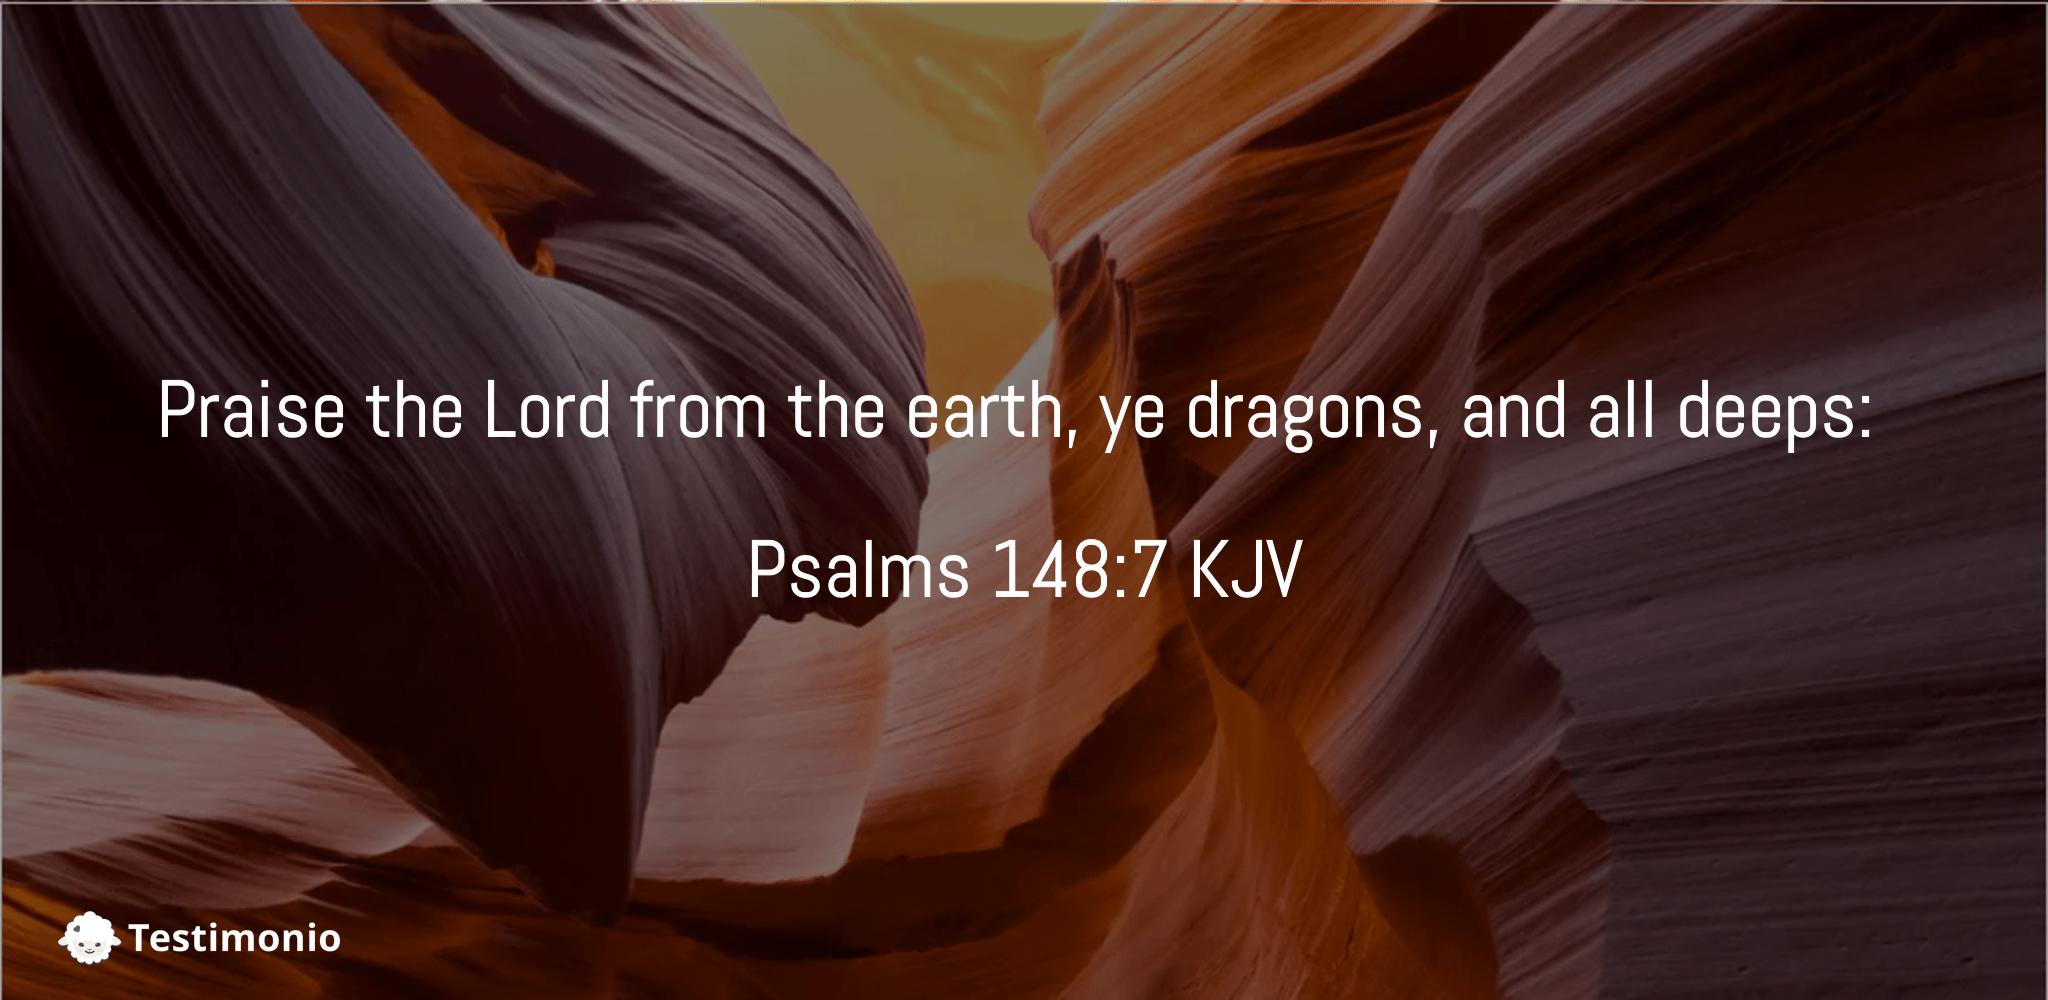 Psalms 148:7